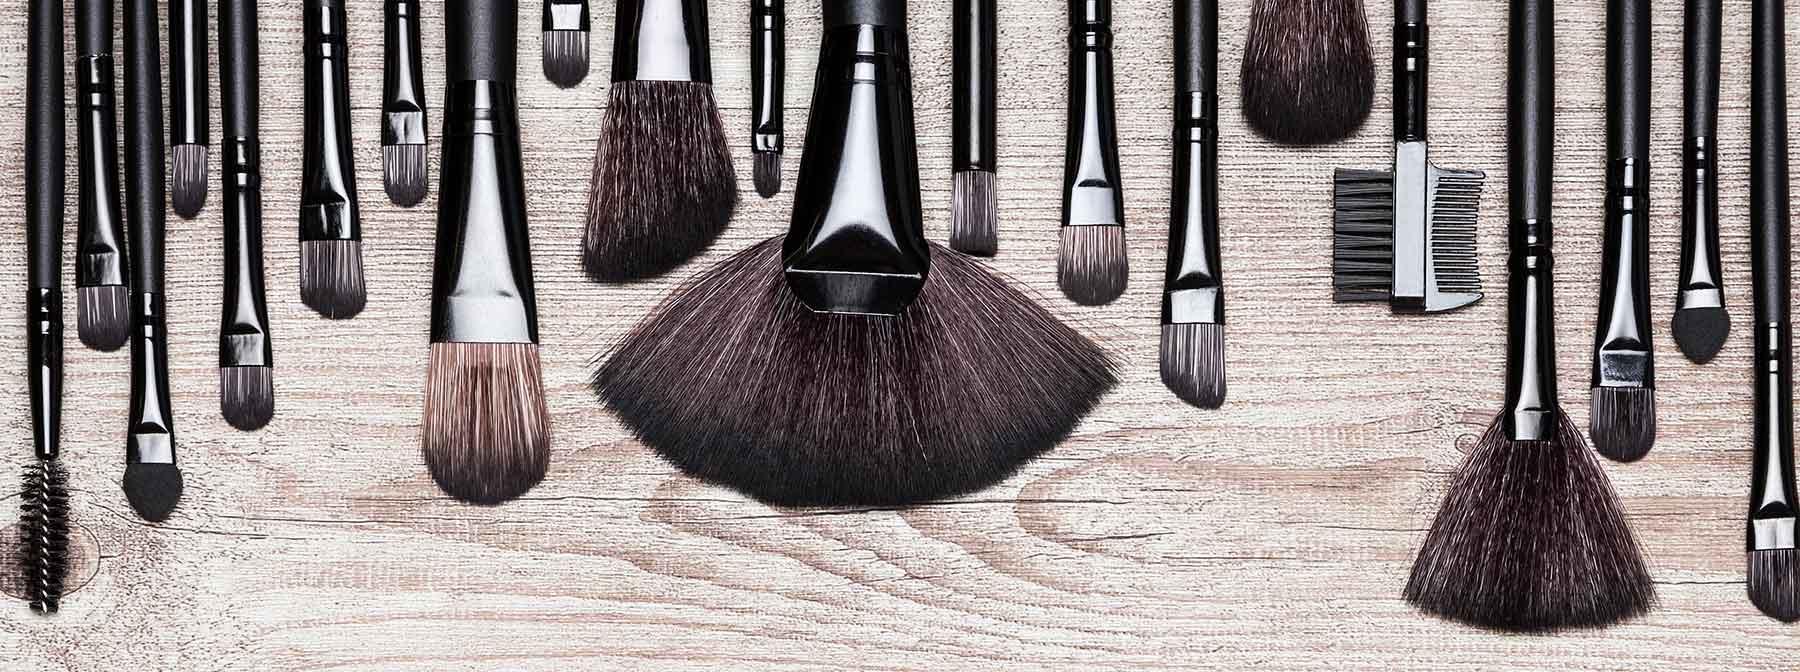 Nettoyer les pinceaux : pourquoi, comment et quand ?